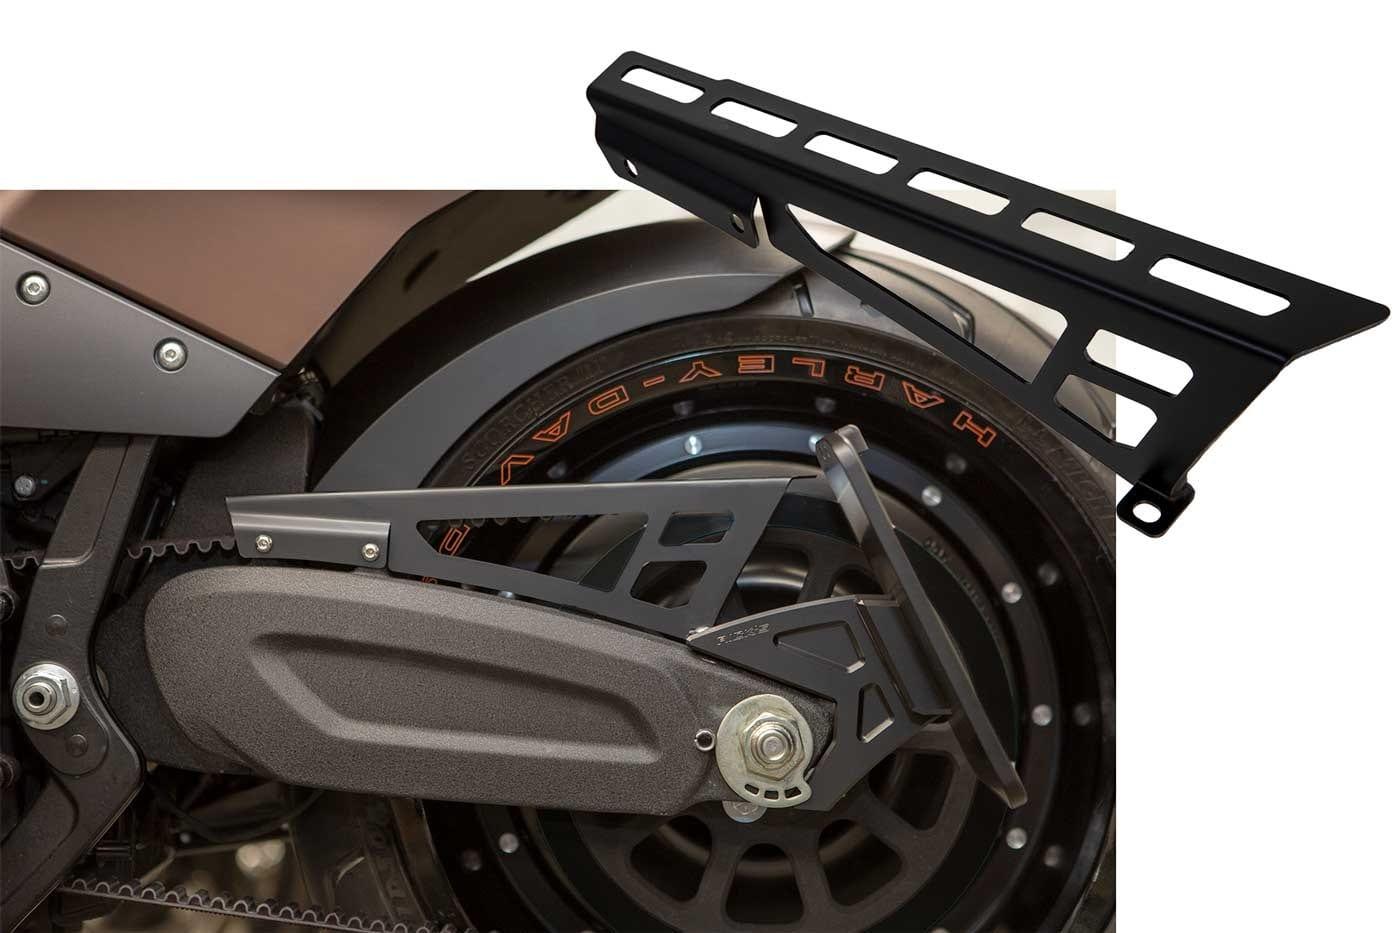 Beltschutz Riemenabdeckung für Harley-Davidson Sportster 00-03 Schwarz